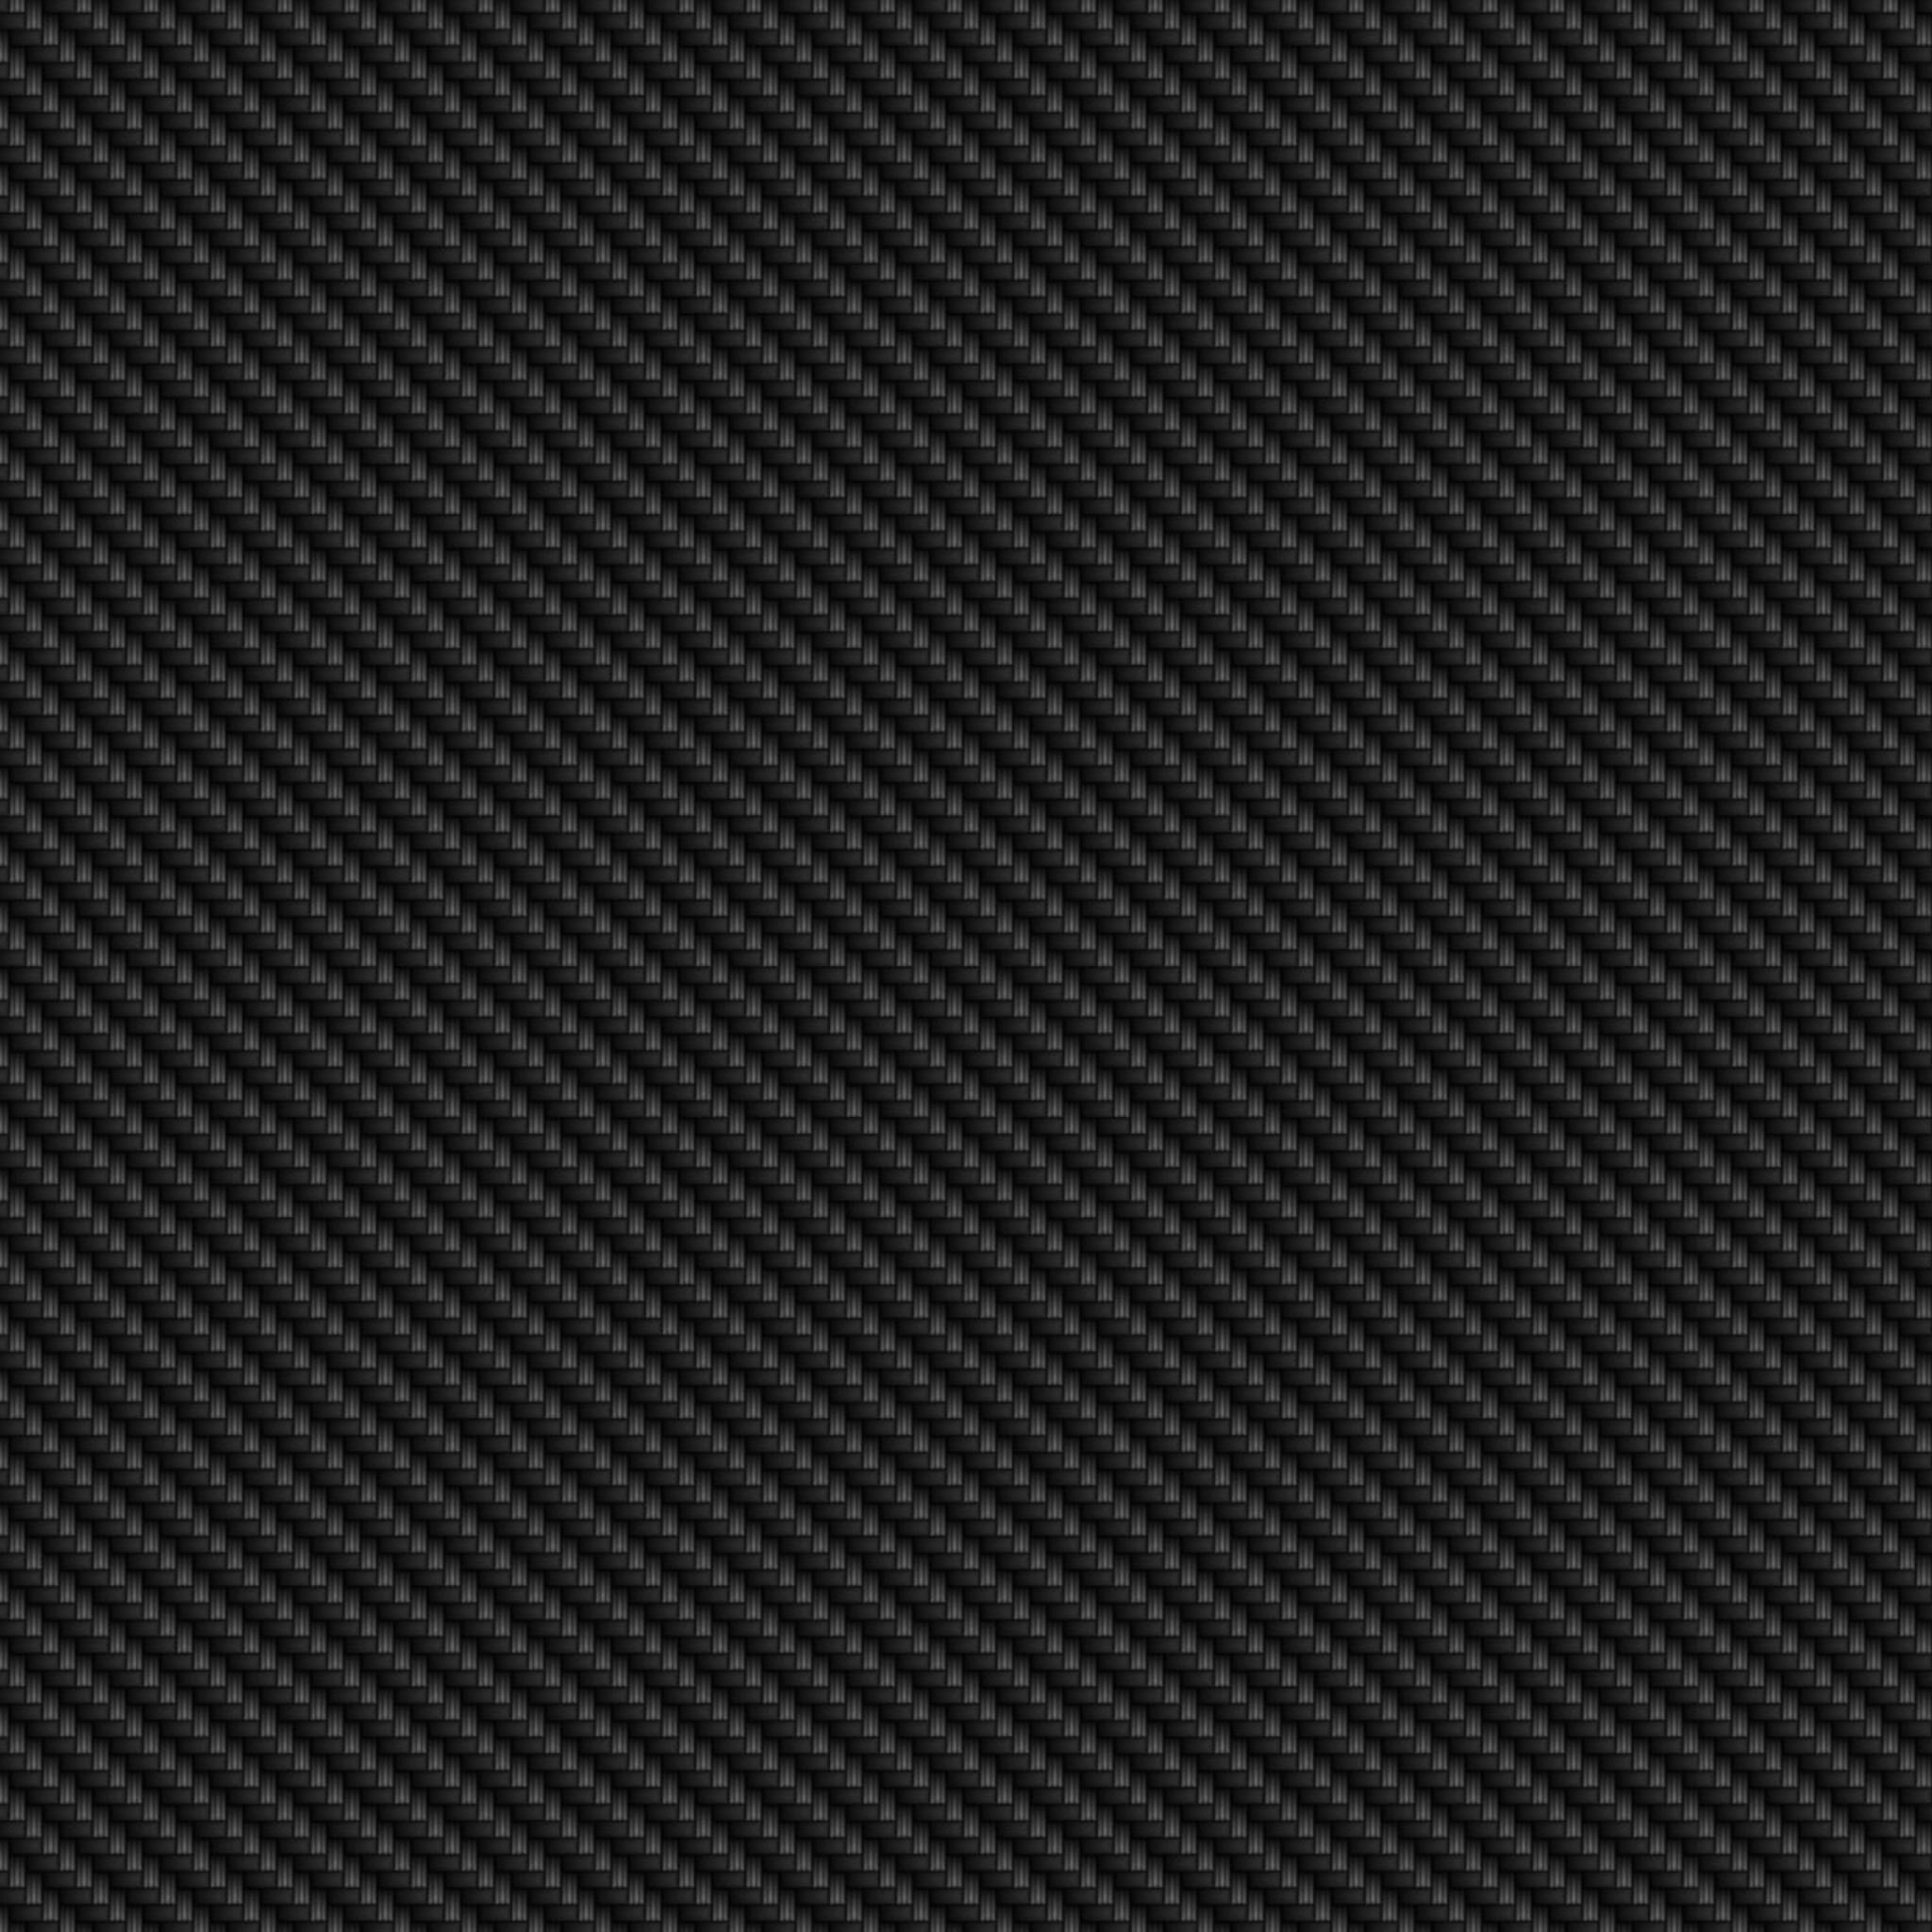 Carbon Fiber Wallpaper for iPad mini 2